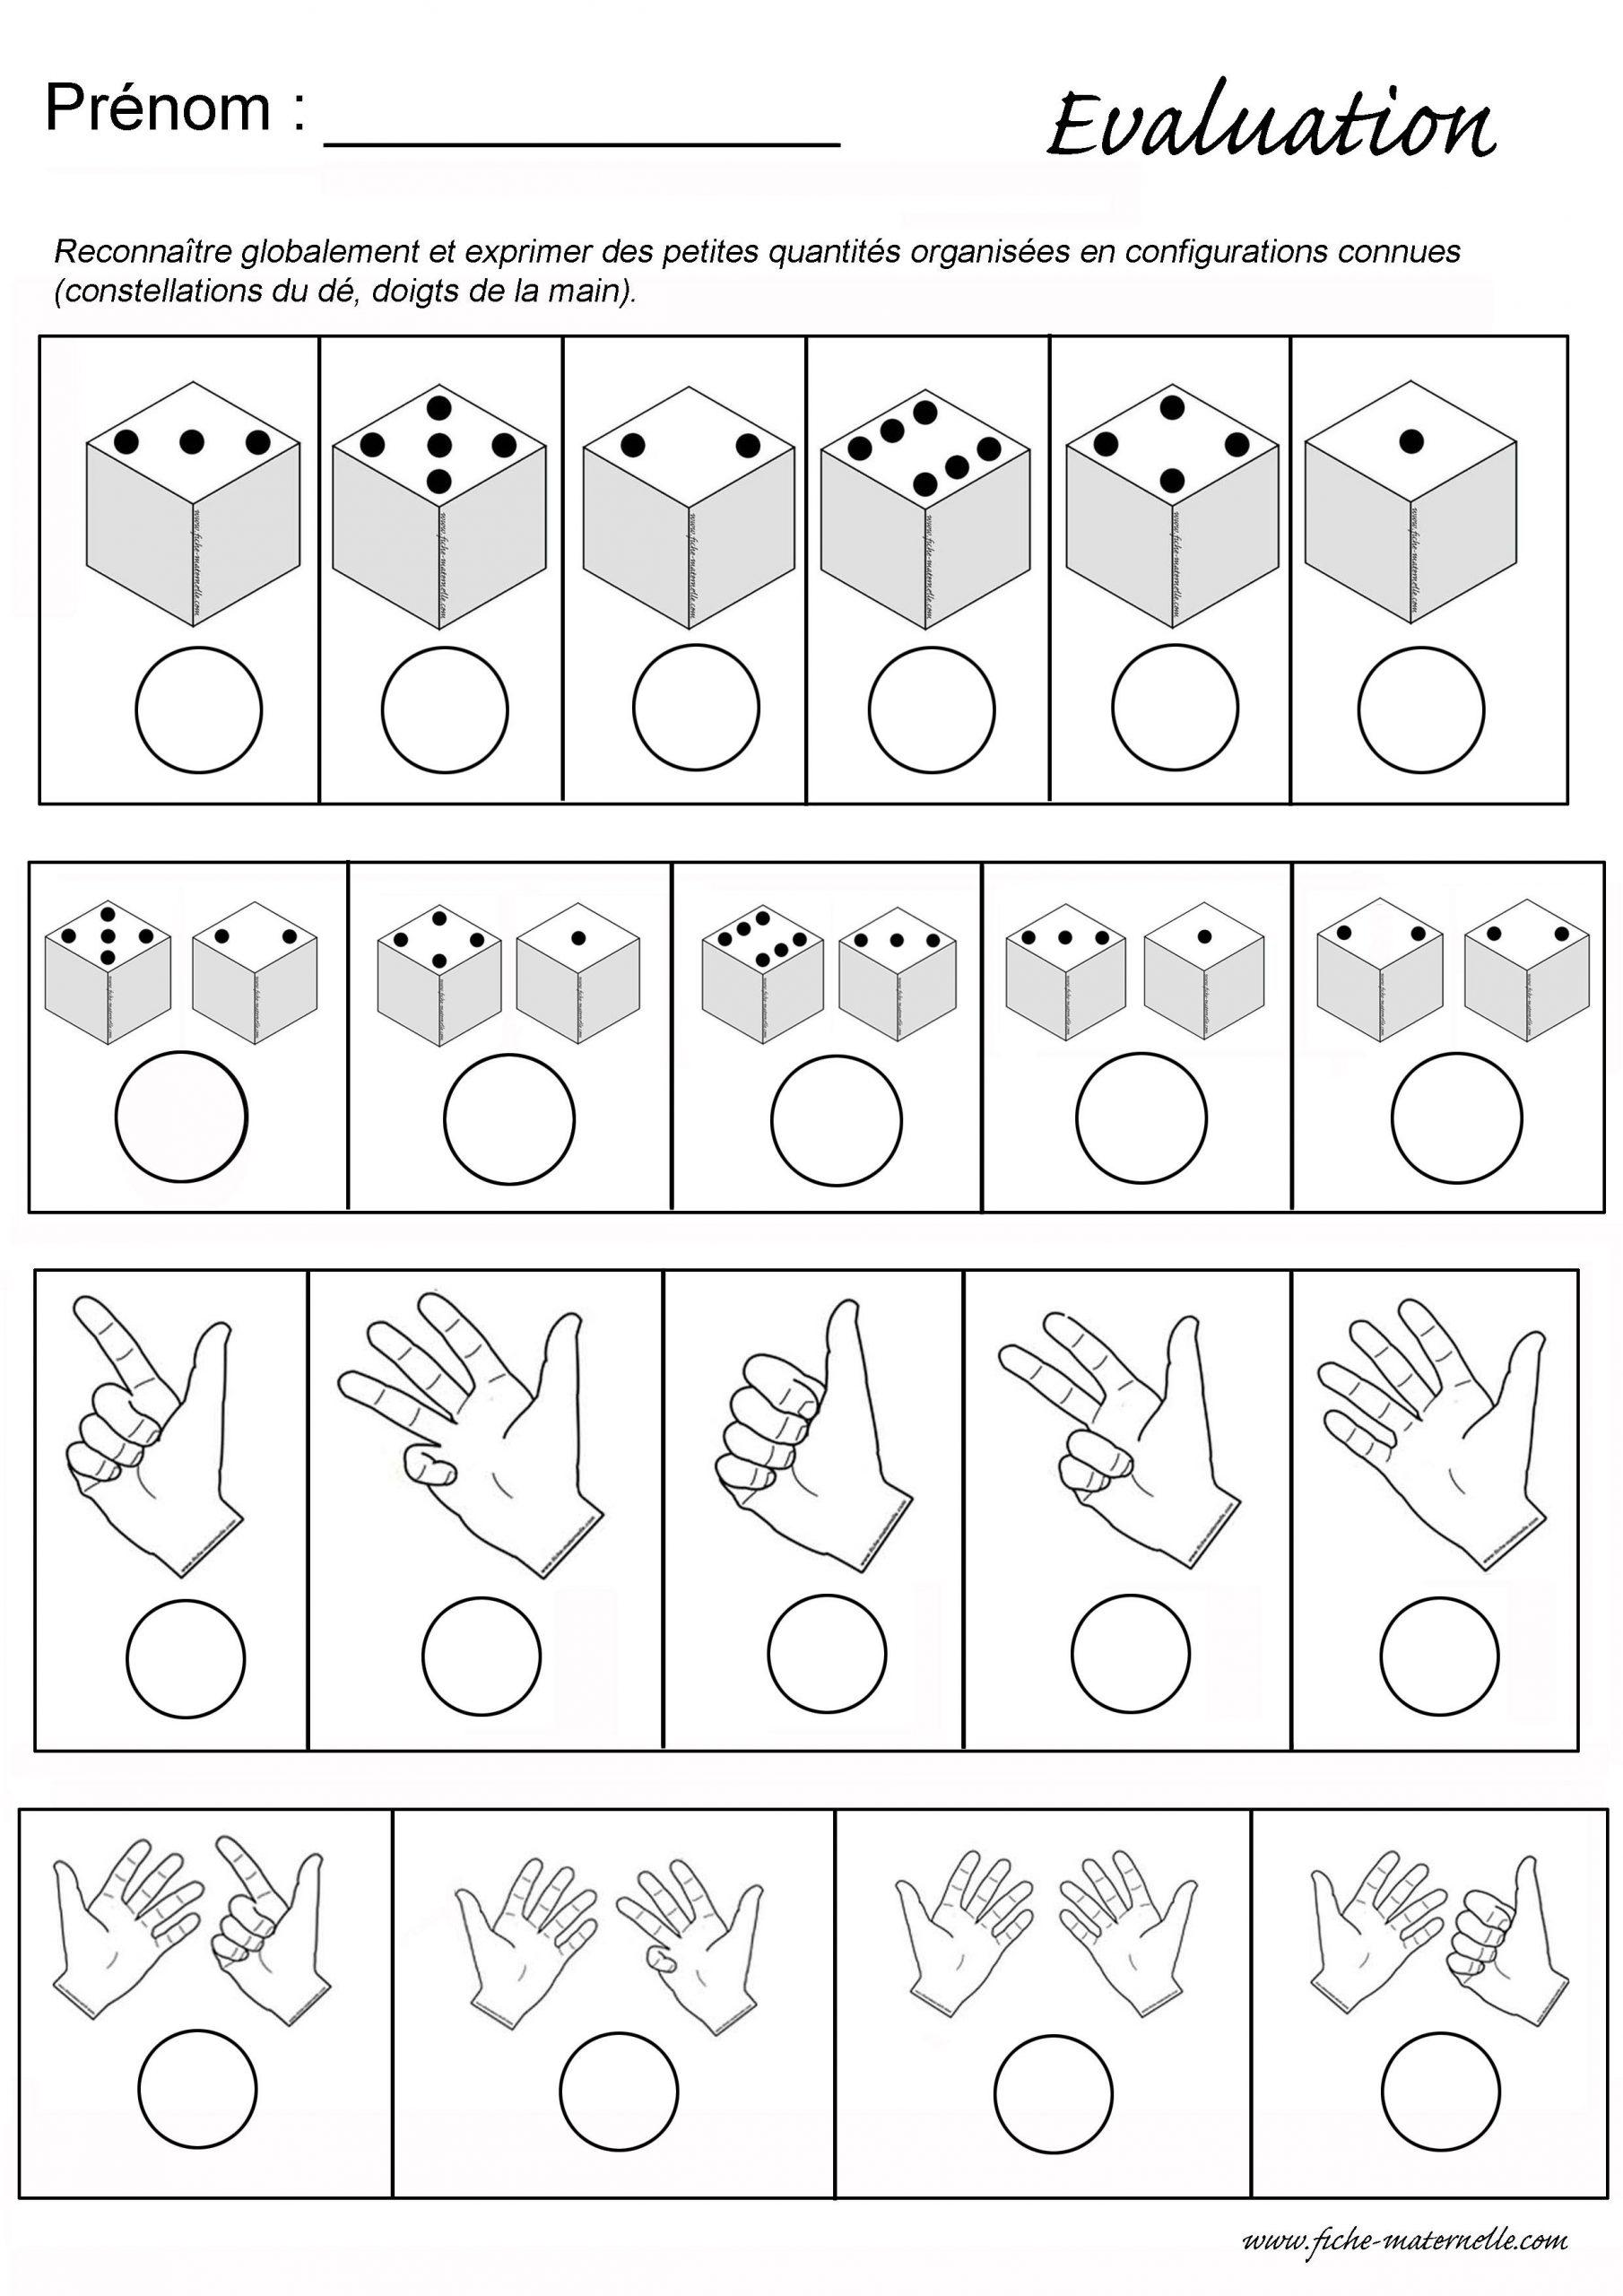 Evaluation Maths En Maternelle : Constellations Et Doigts De serapportantà Addition Maternelle